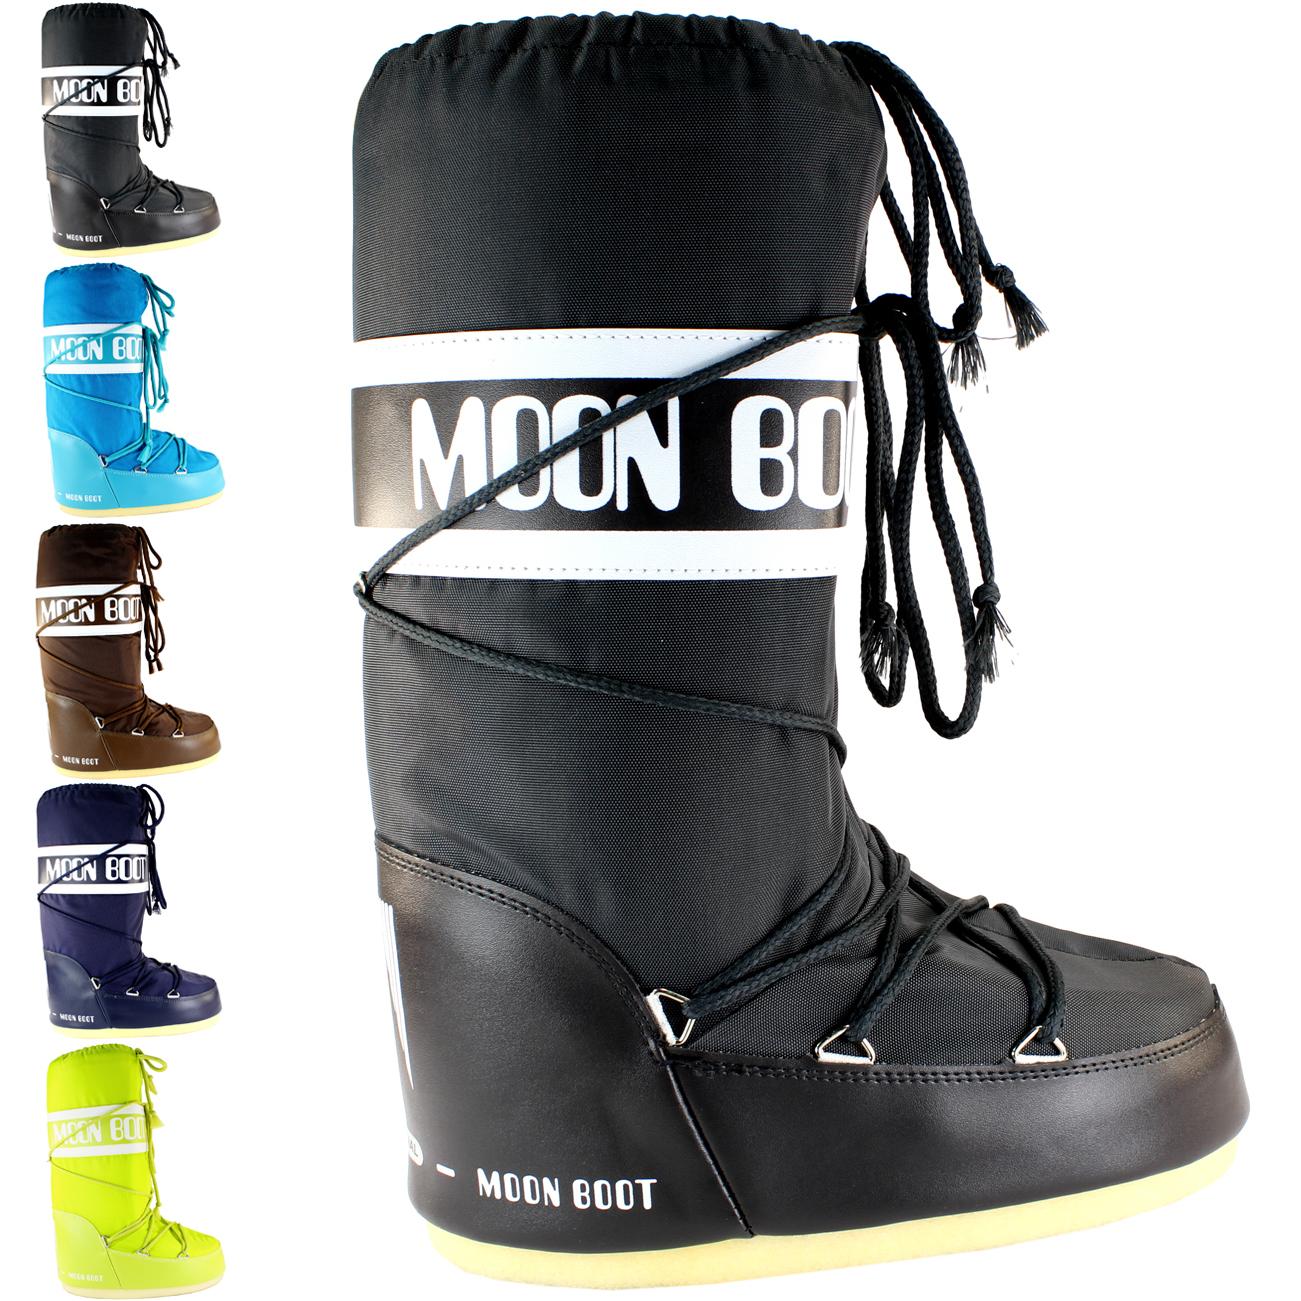 Da Donna Tecnica Moon Boot Nylon Impermeabile Inverno Neve Pioggia Sci Stivali Sking 3-8-mostra Il Titolo Originale